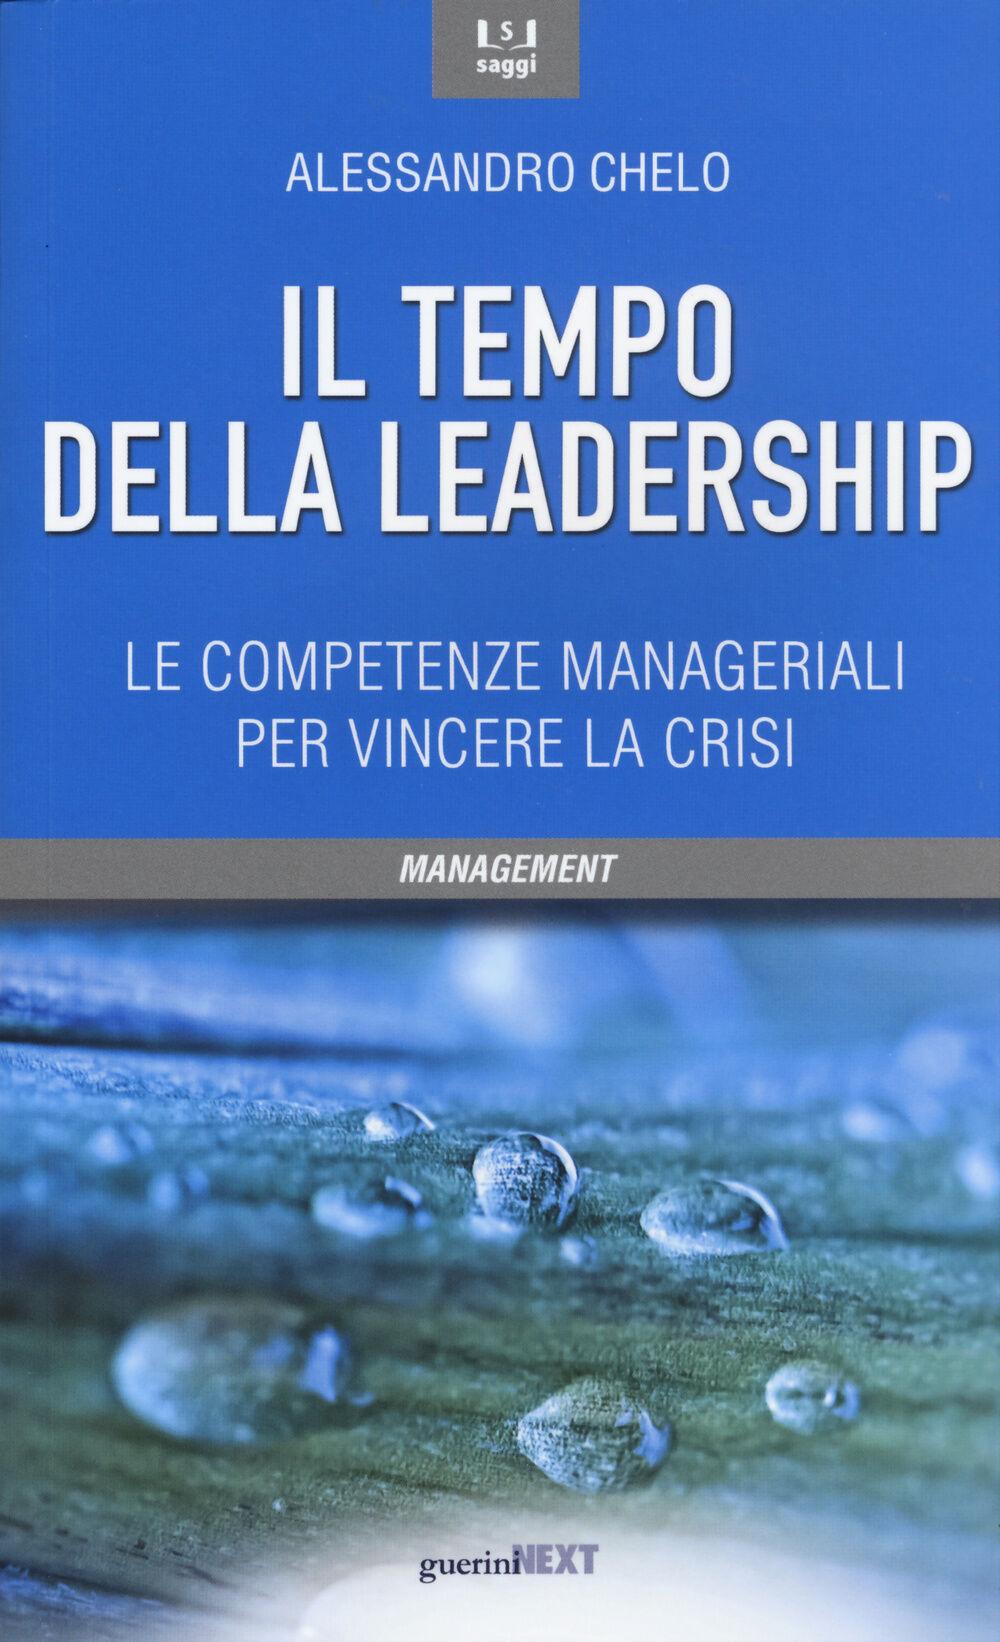 Il tempo della leadership. Le competenze manageriali per vincere la crisi